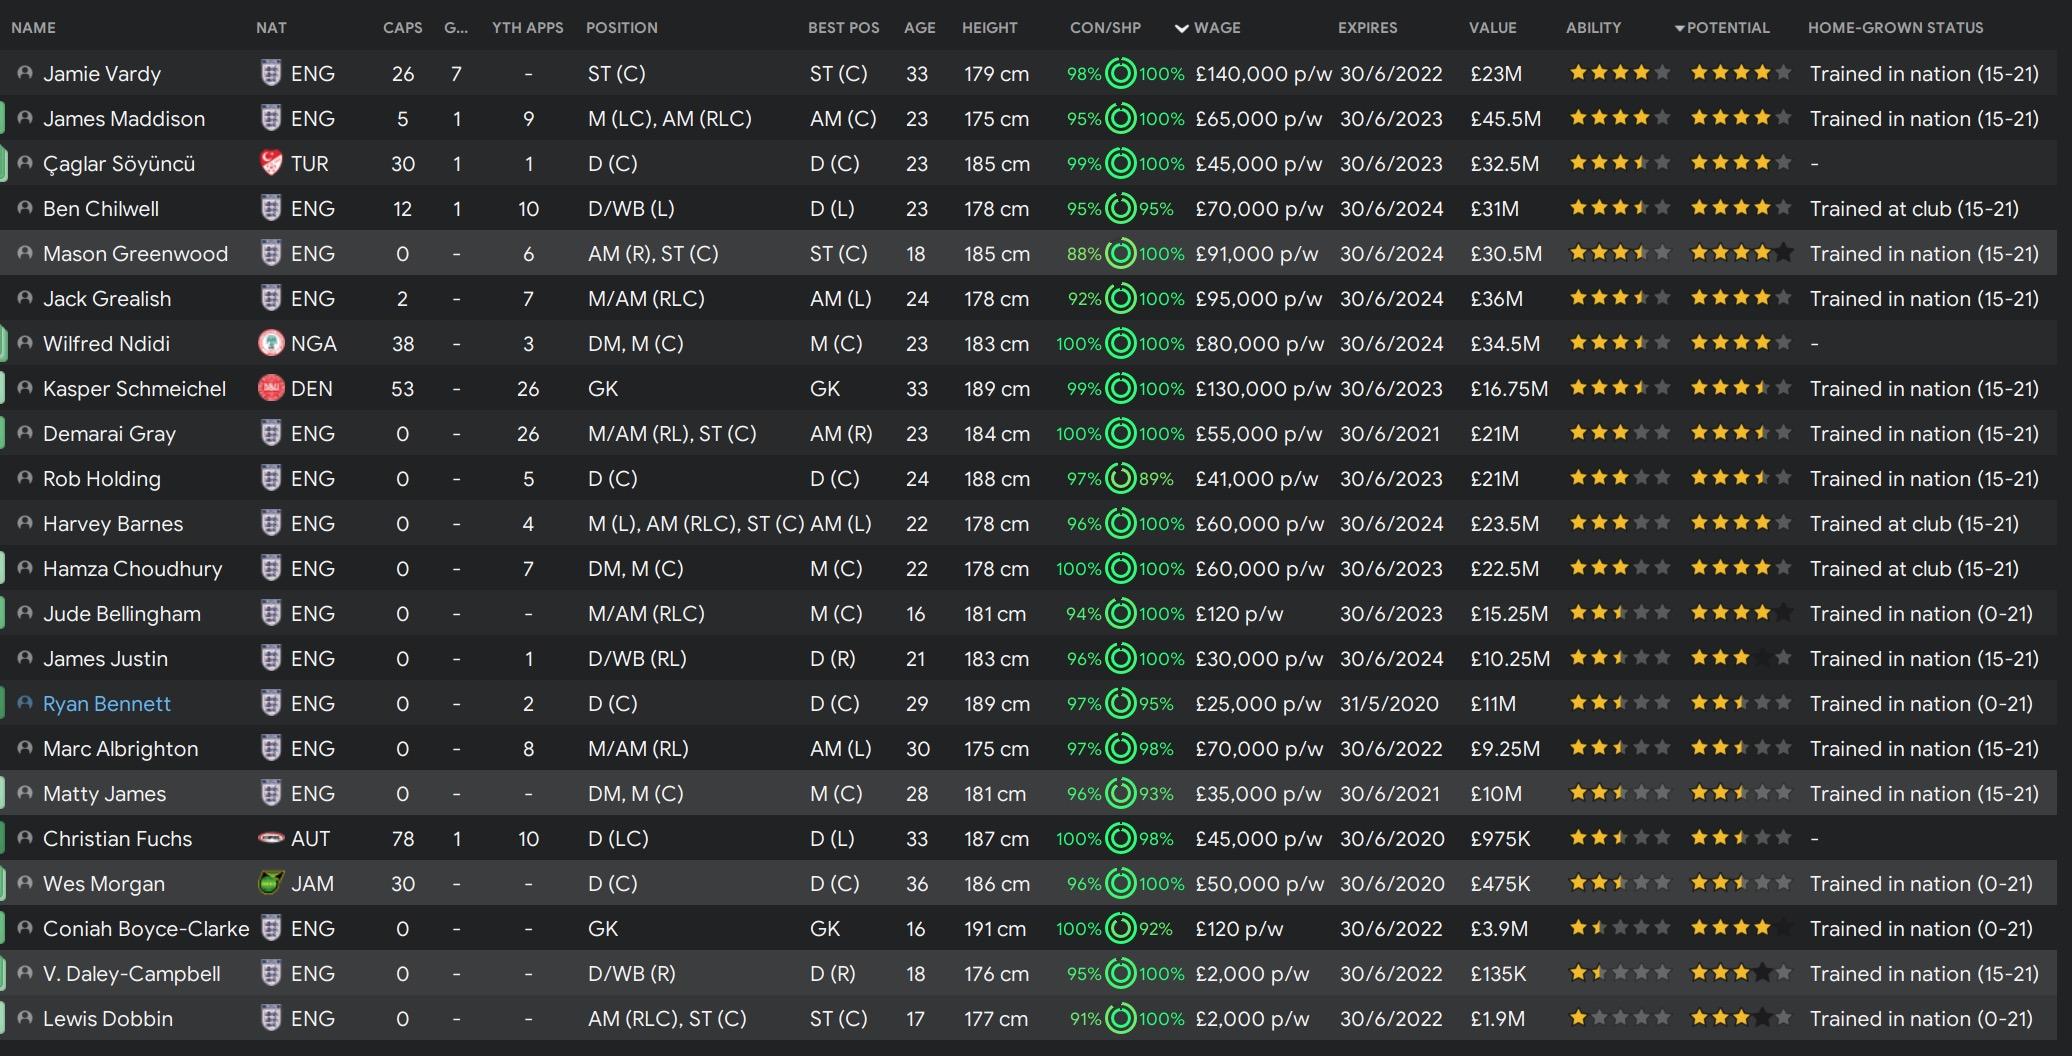 Screenshot 2020-06-25 at 23.17.13.jpg